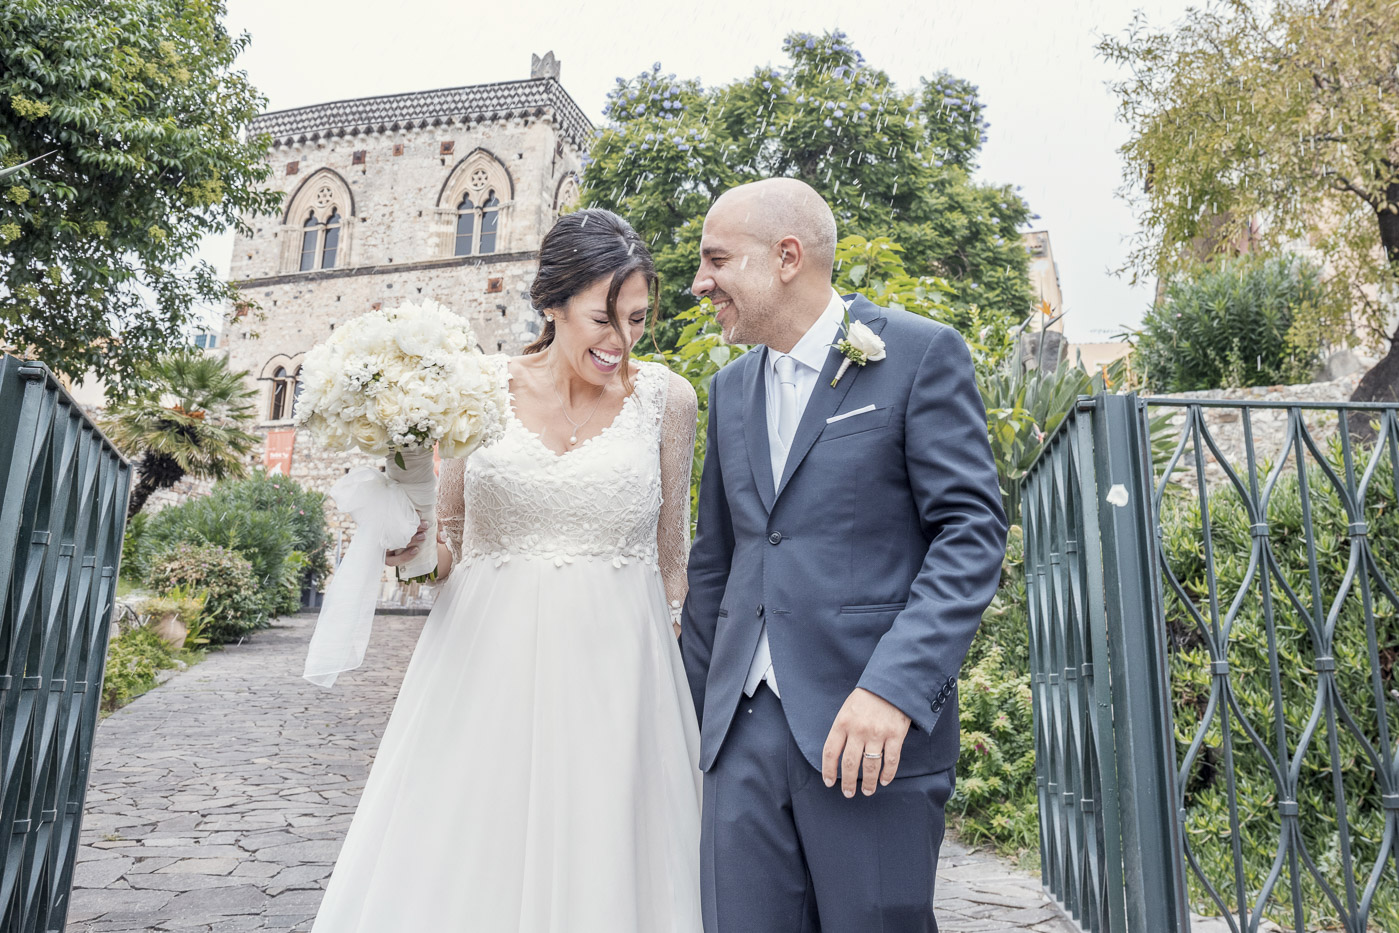 Matrimonio Intimo Villa Mon Repos, Palazzo Duchi Santo Stefano, matrimonio, fotografo, civile